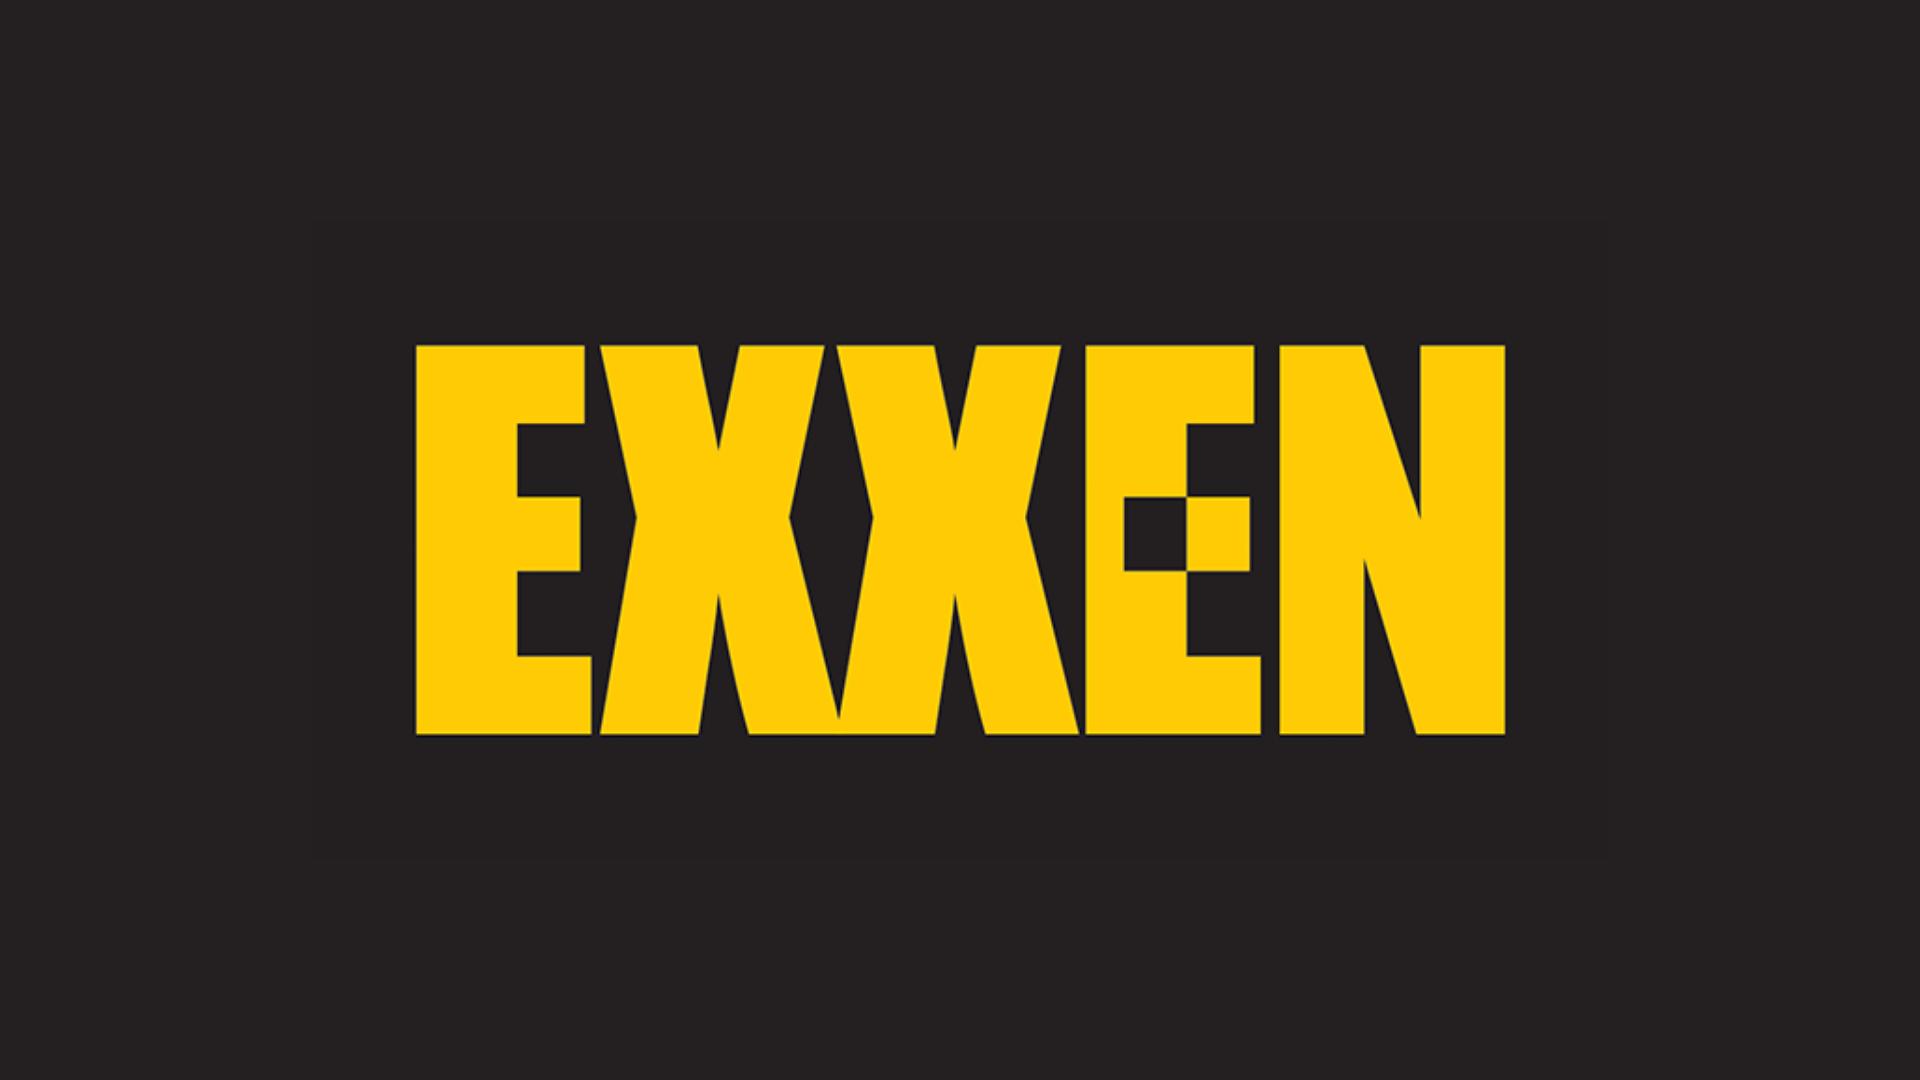 Exxen.png